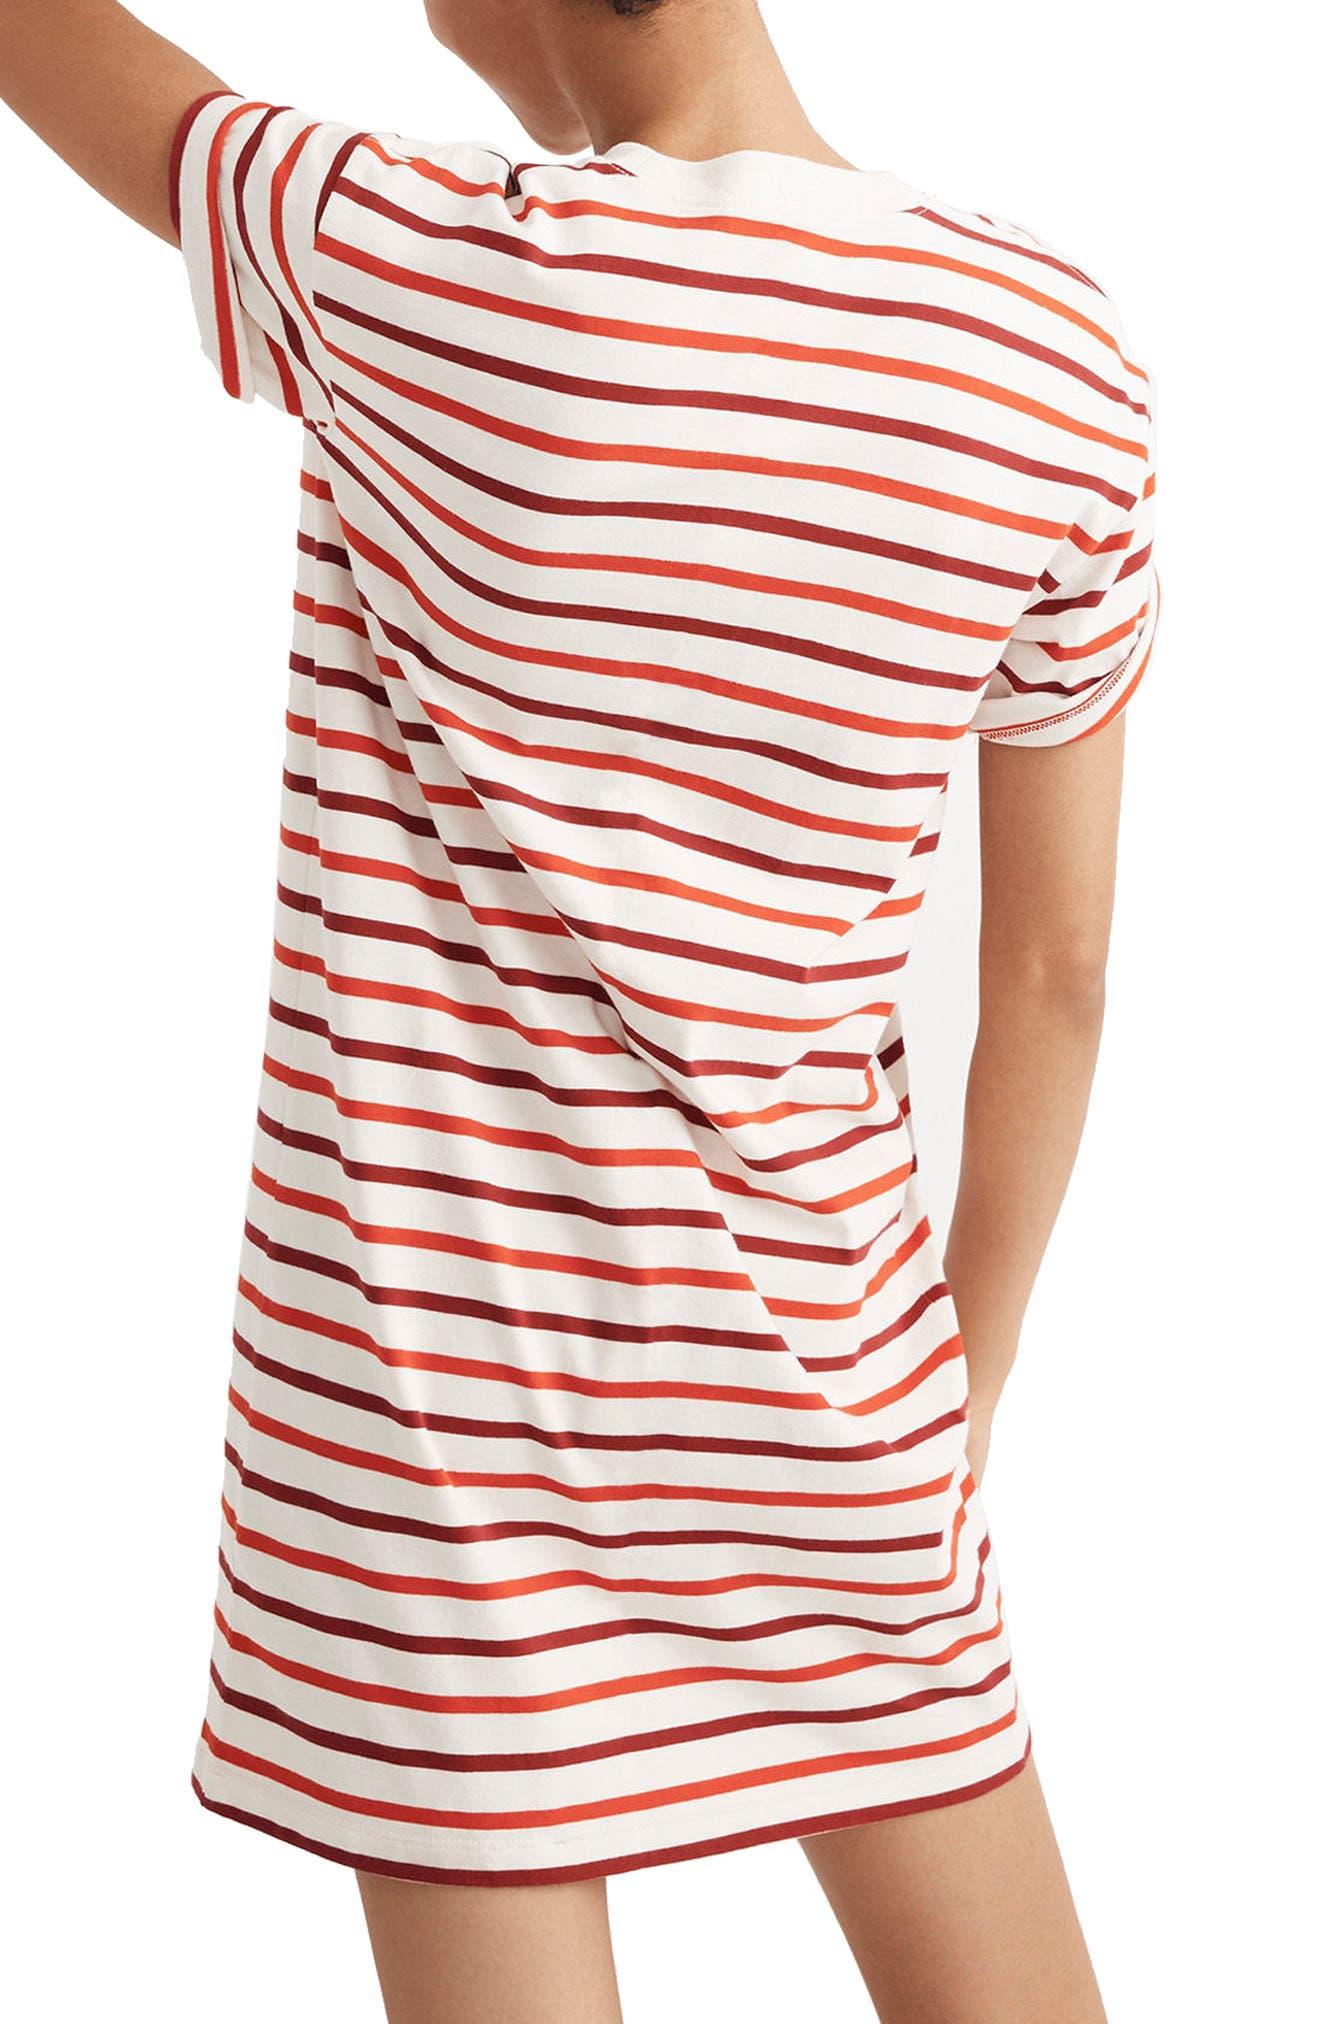 Stripe Pocket T-Shirt Dress,                             Alternate thumbnail 2, color,                             600